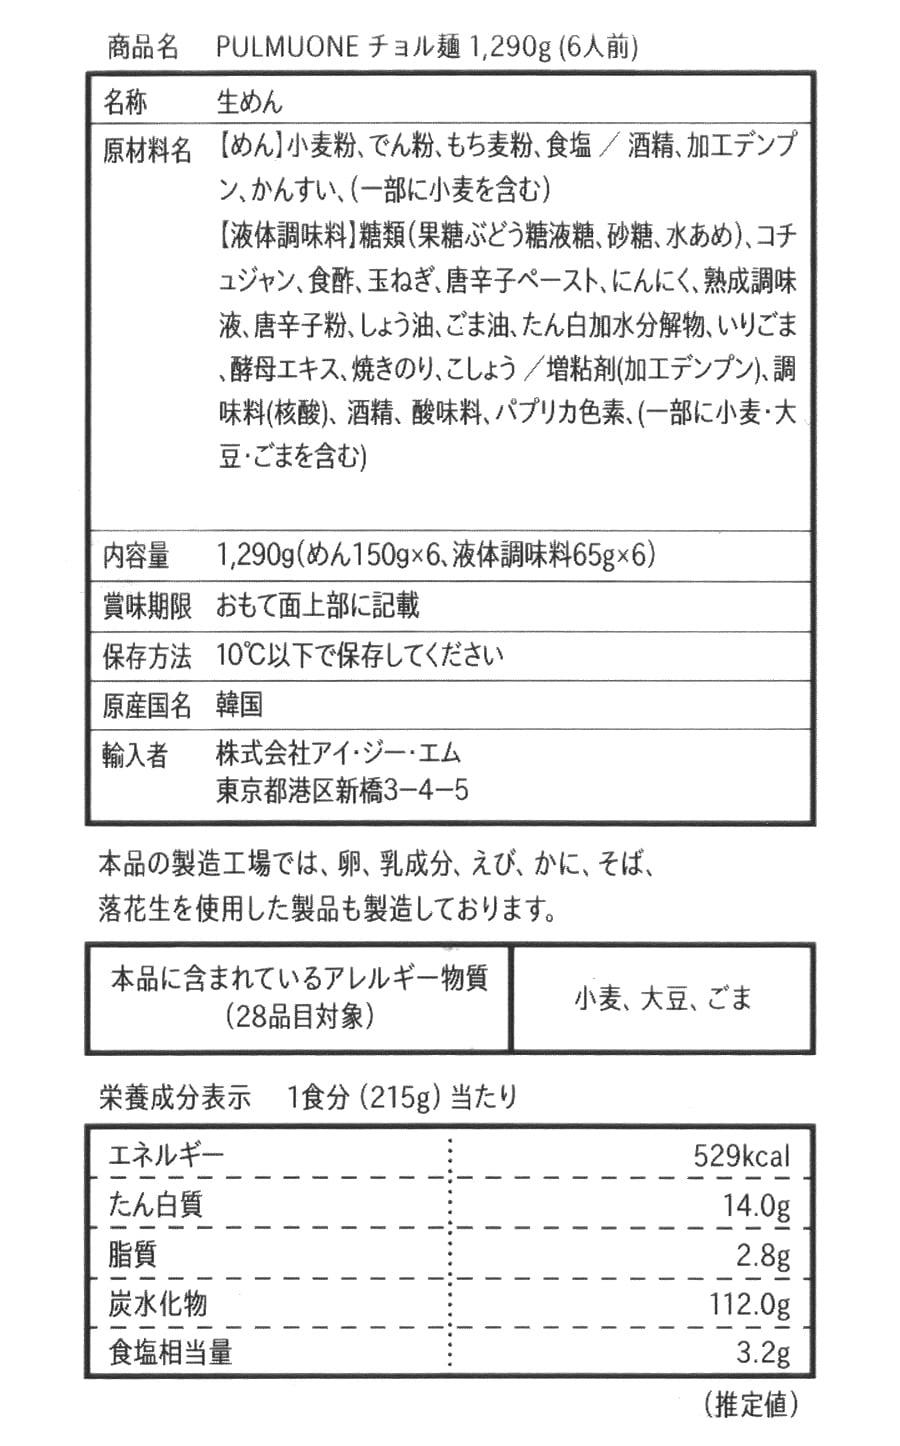 プルムウォン チョル麺 6人前 裏面ラベル(原材料・カロリーほか)